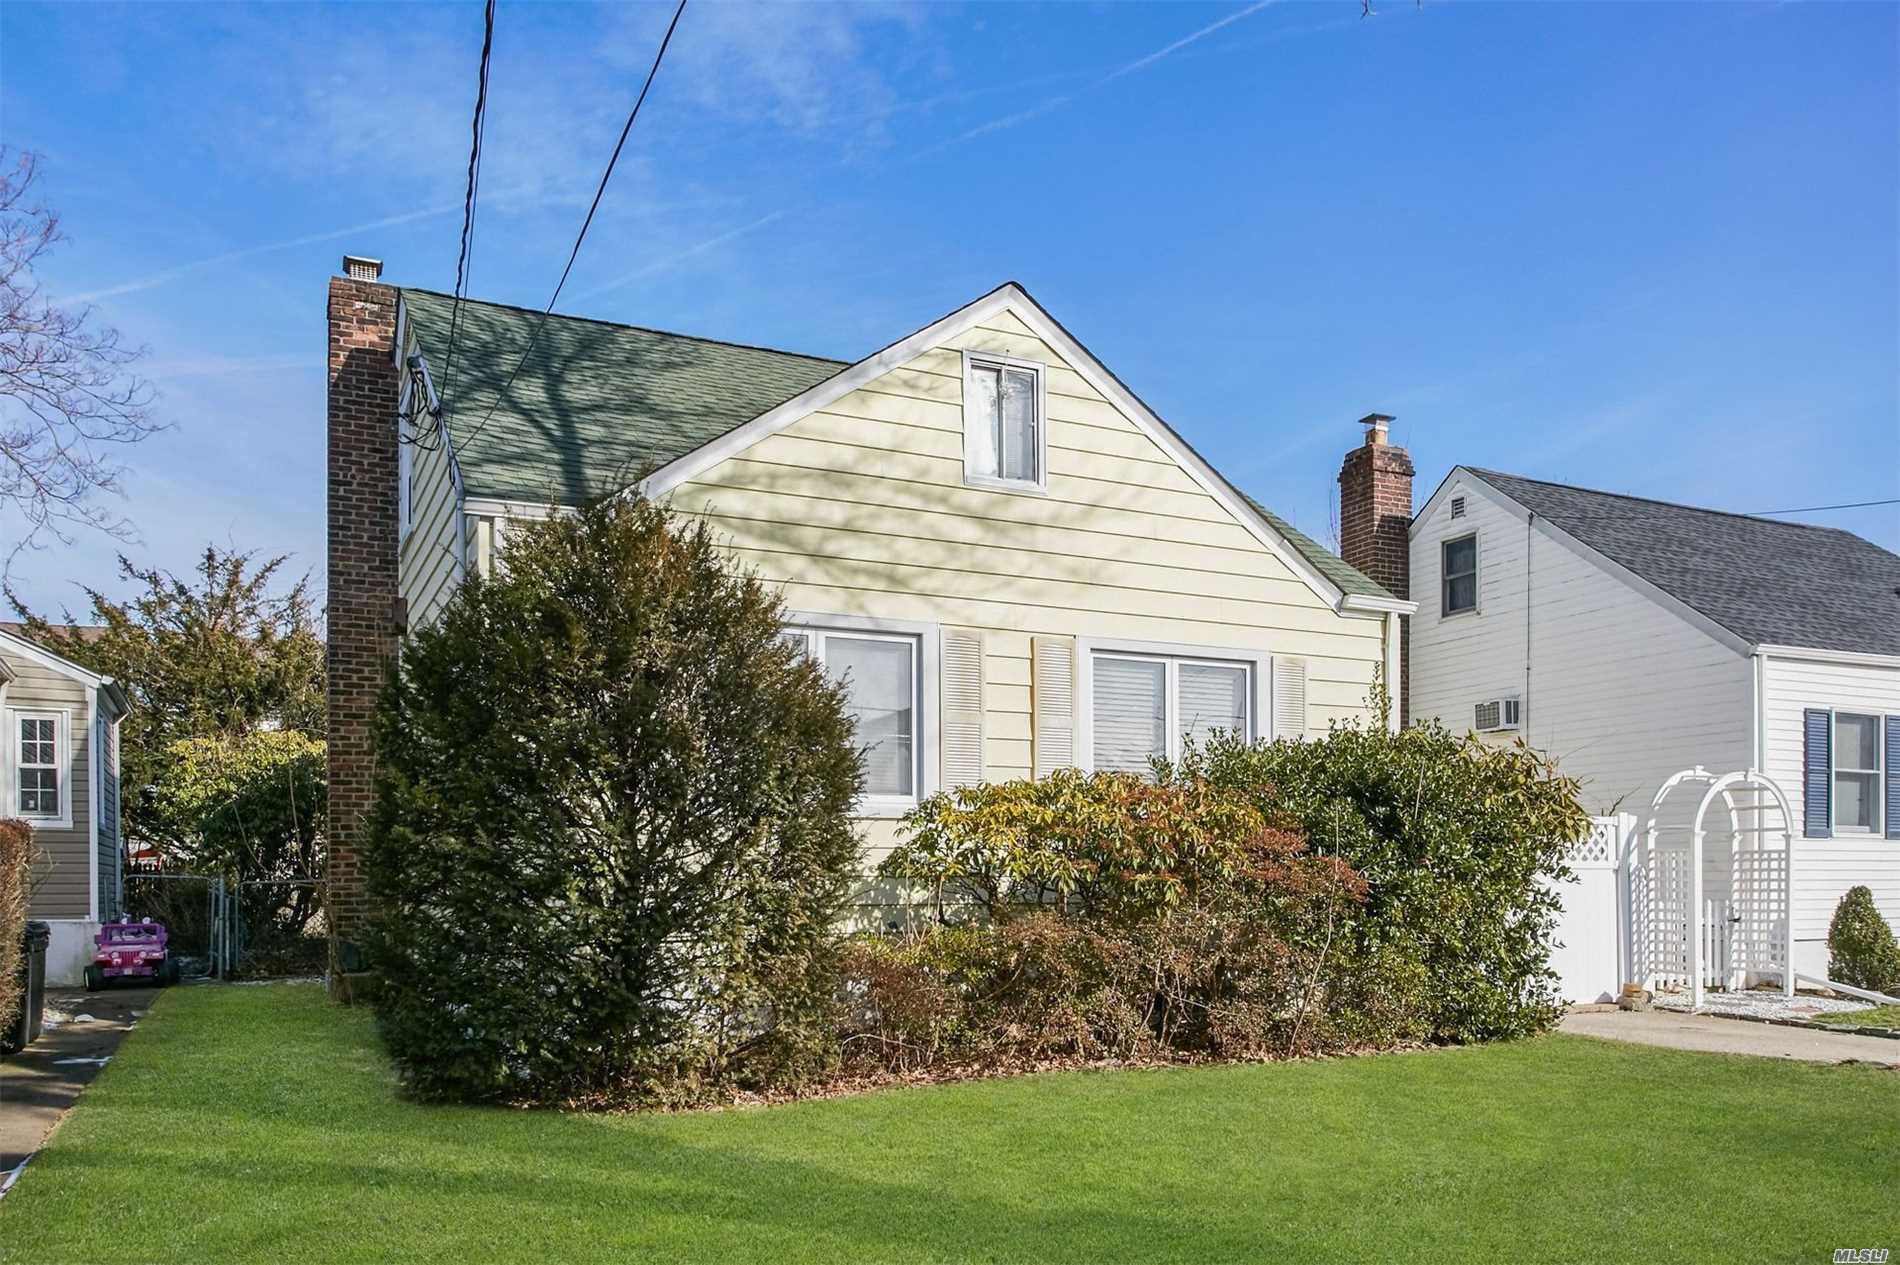 952 N 5th St New Hyde Park, NY 11040